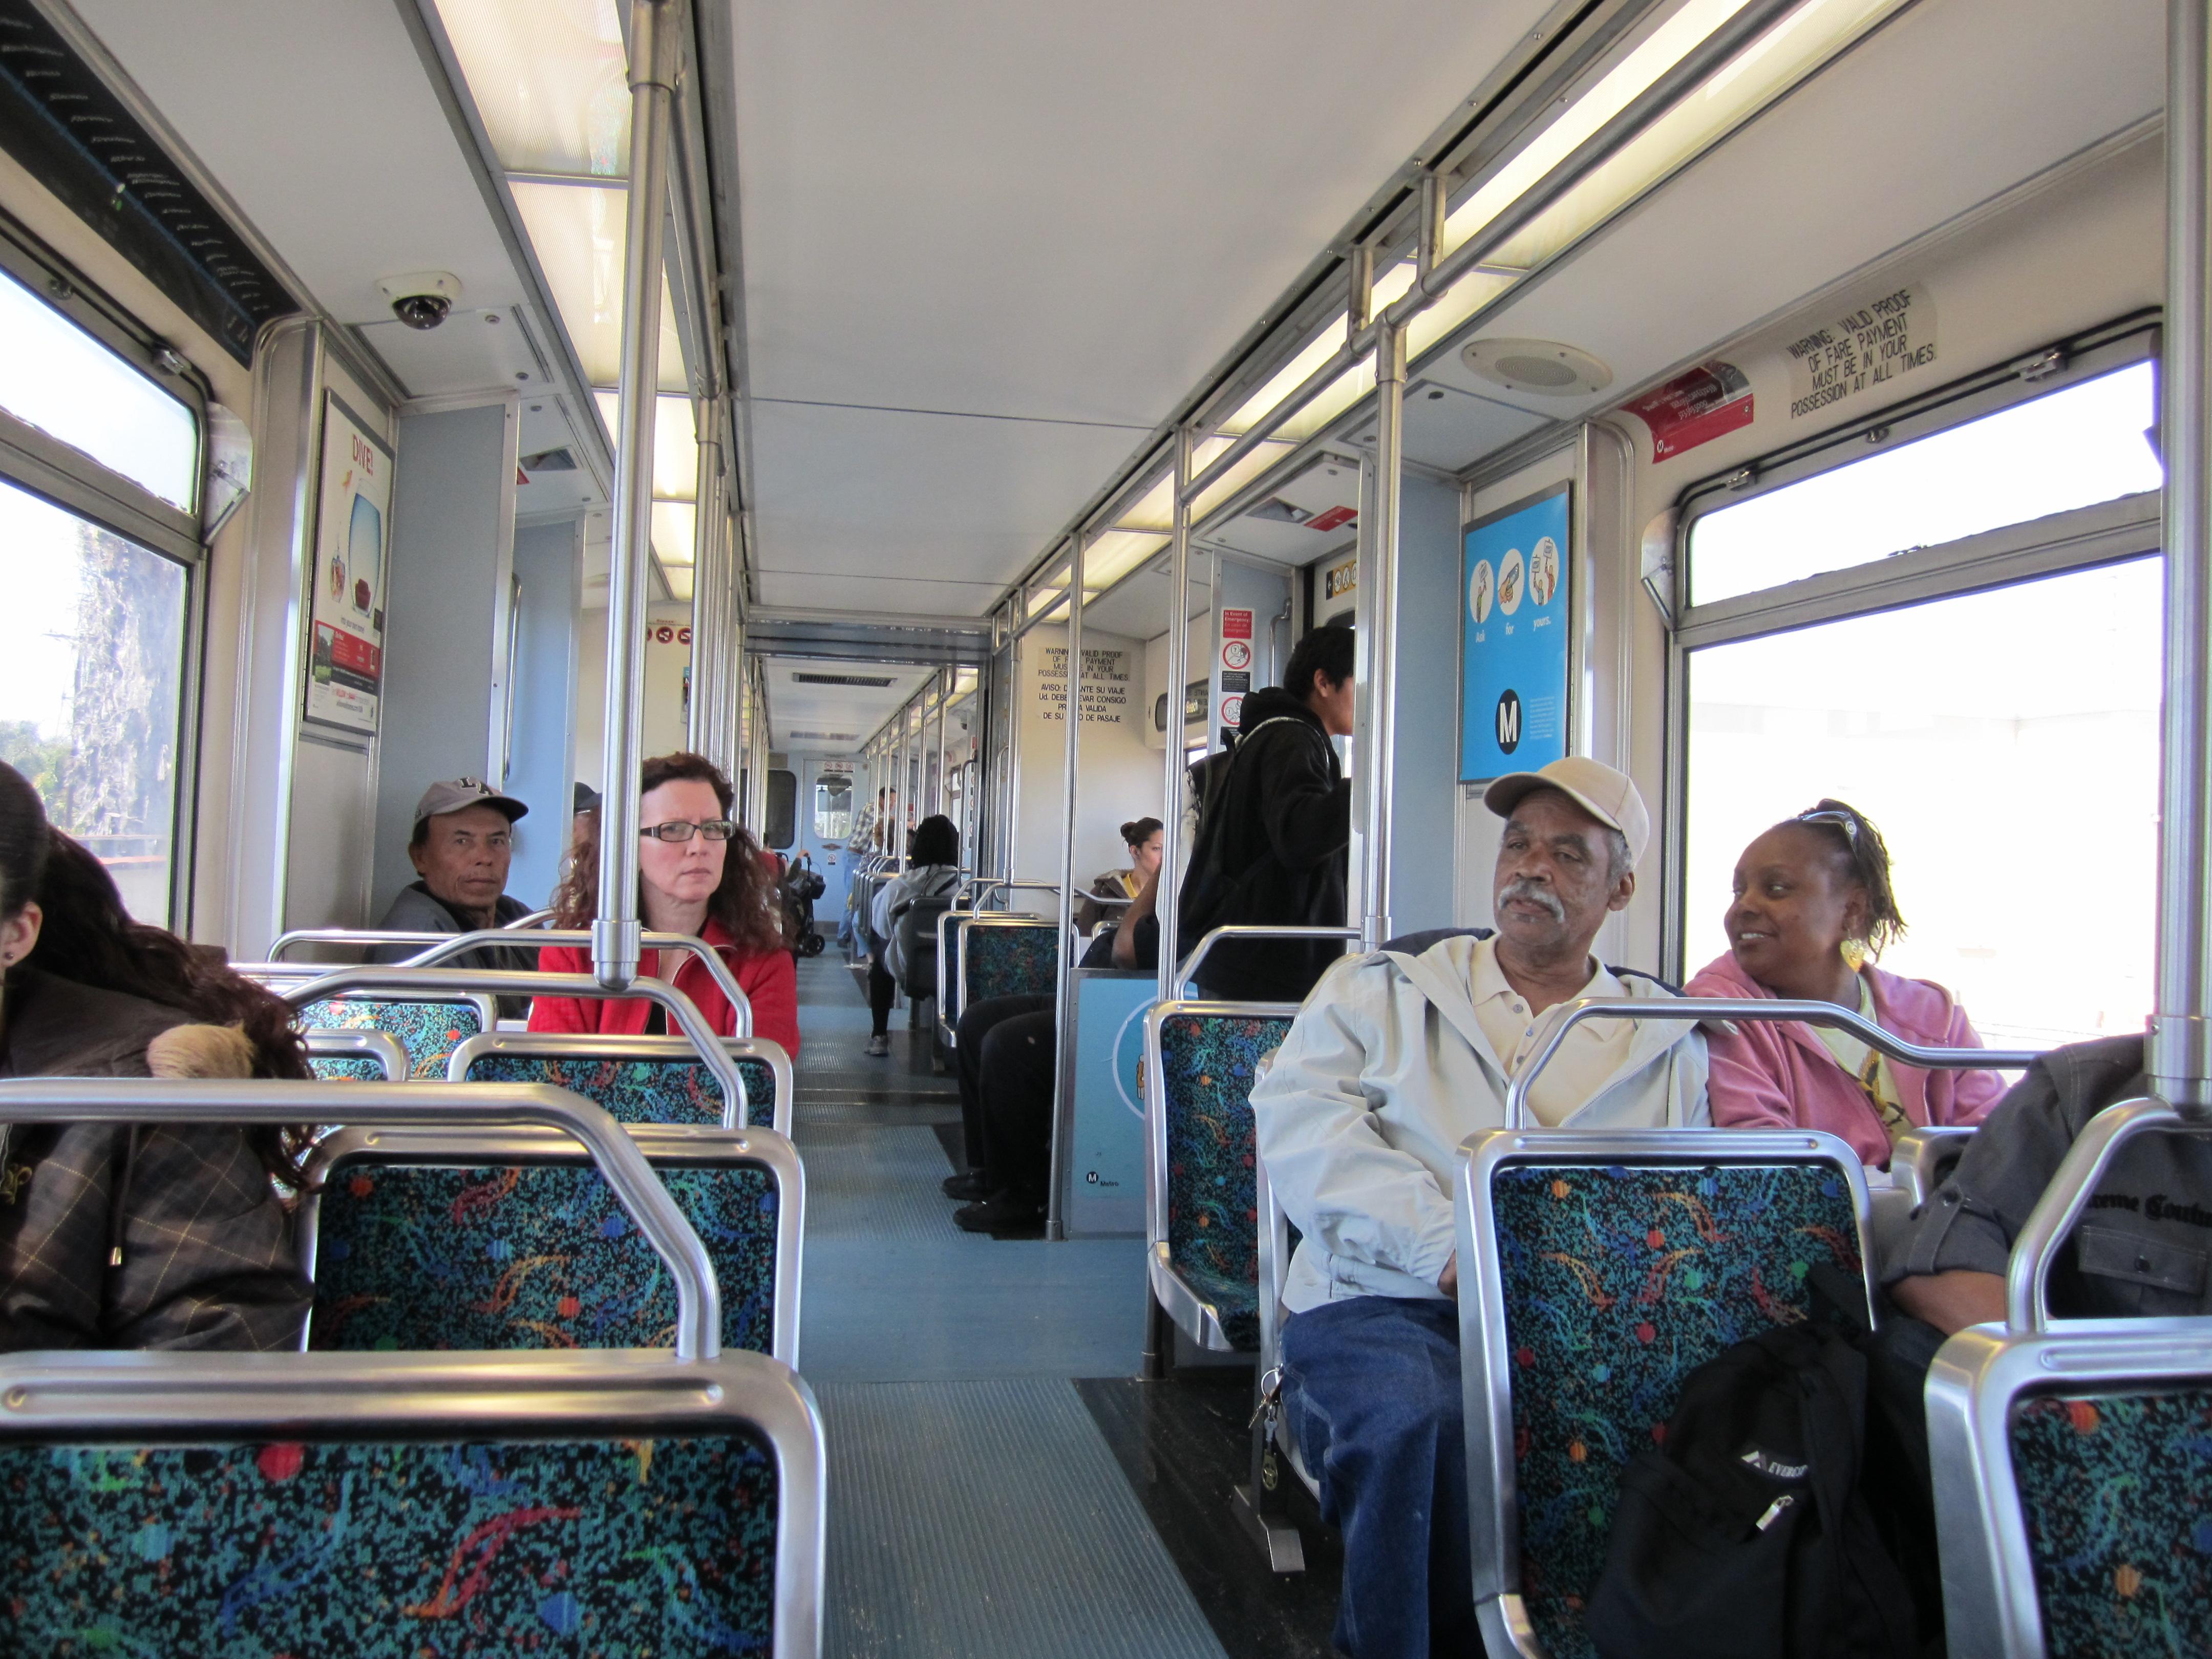 El 22% de los pasajeros de Metro dice que ha sufrido acoso sexual a bordo de los trenes o autobuses de la agencia. Foto: María Luisa Arredondo/Metro.